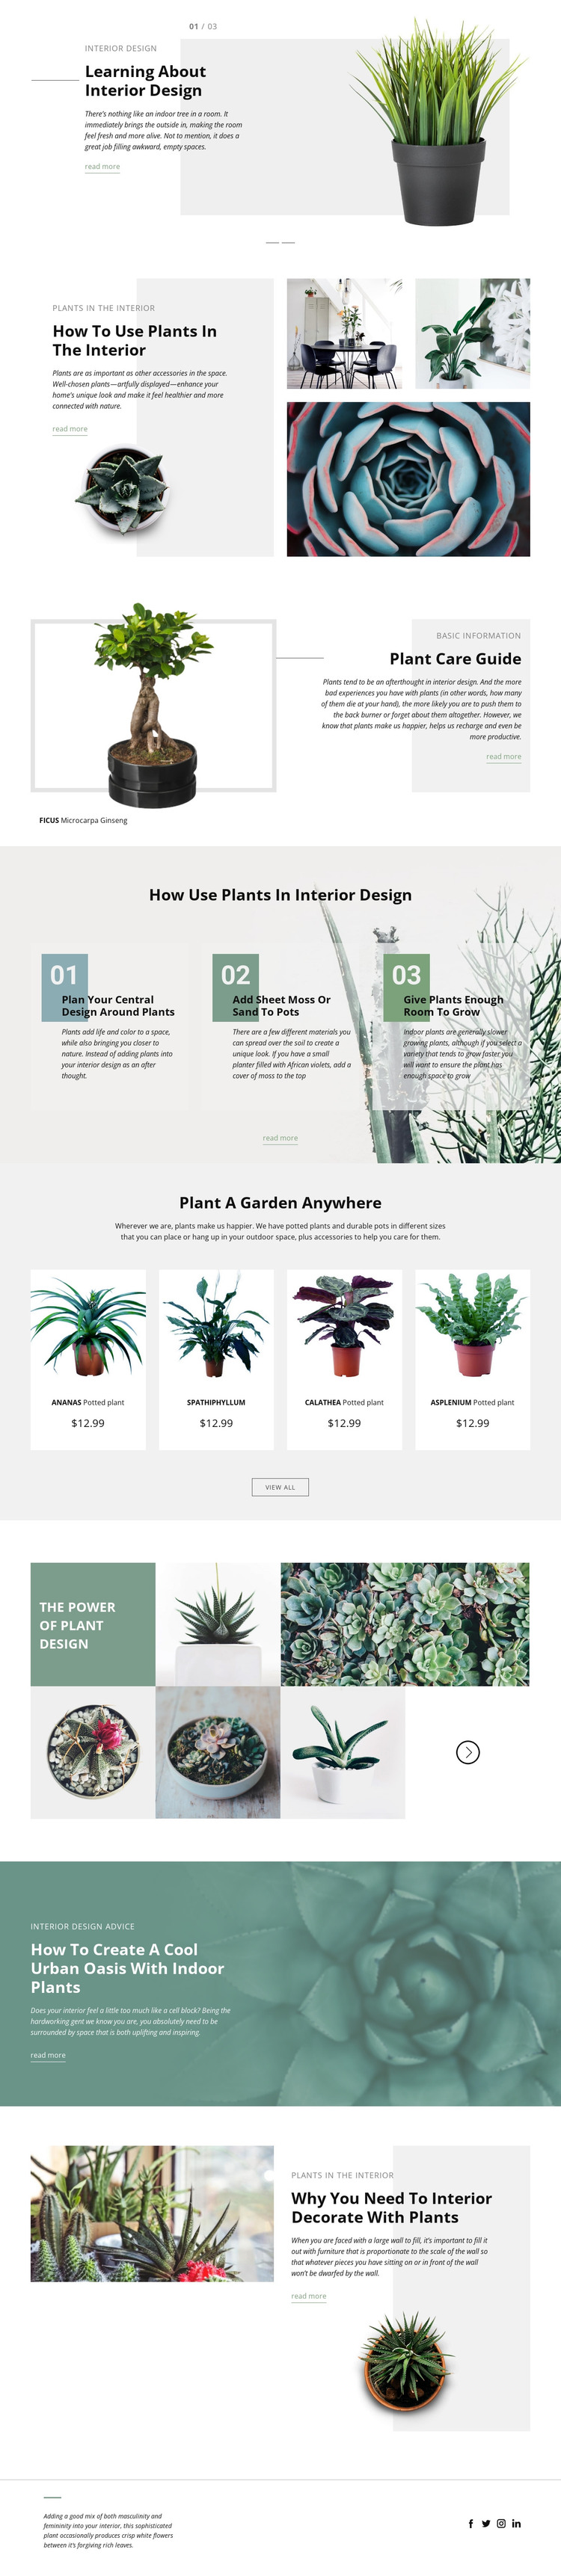 Interior Design Studio Web Design